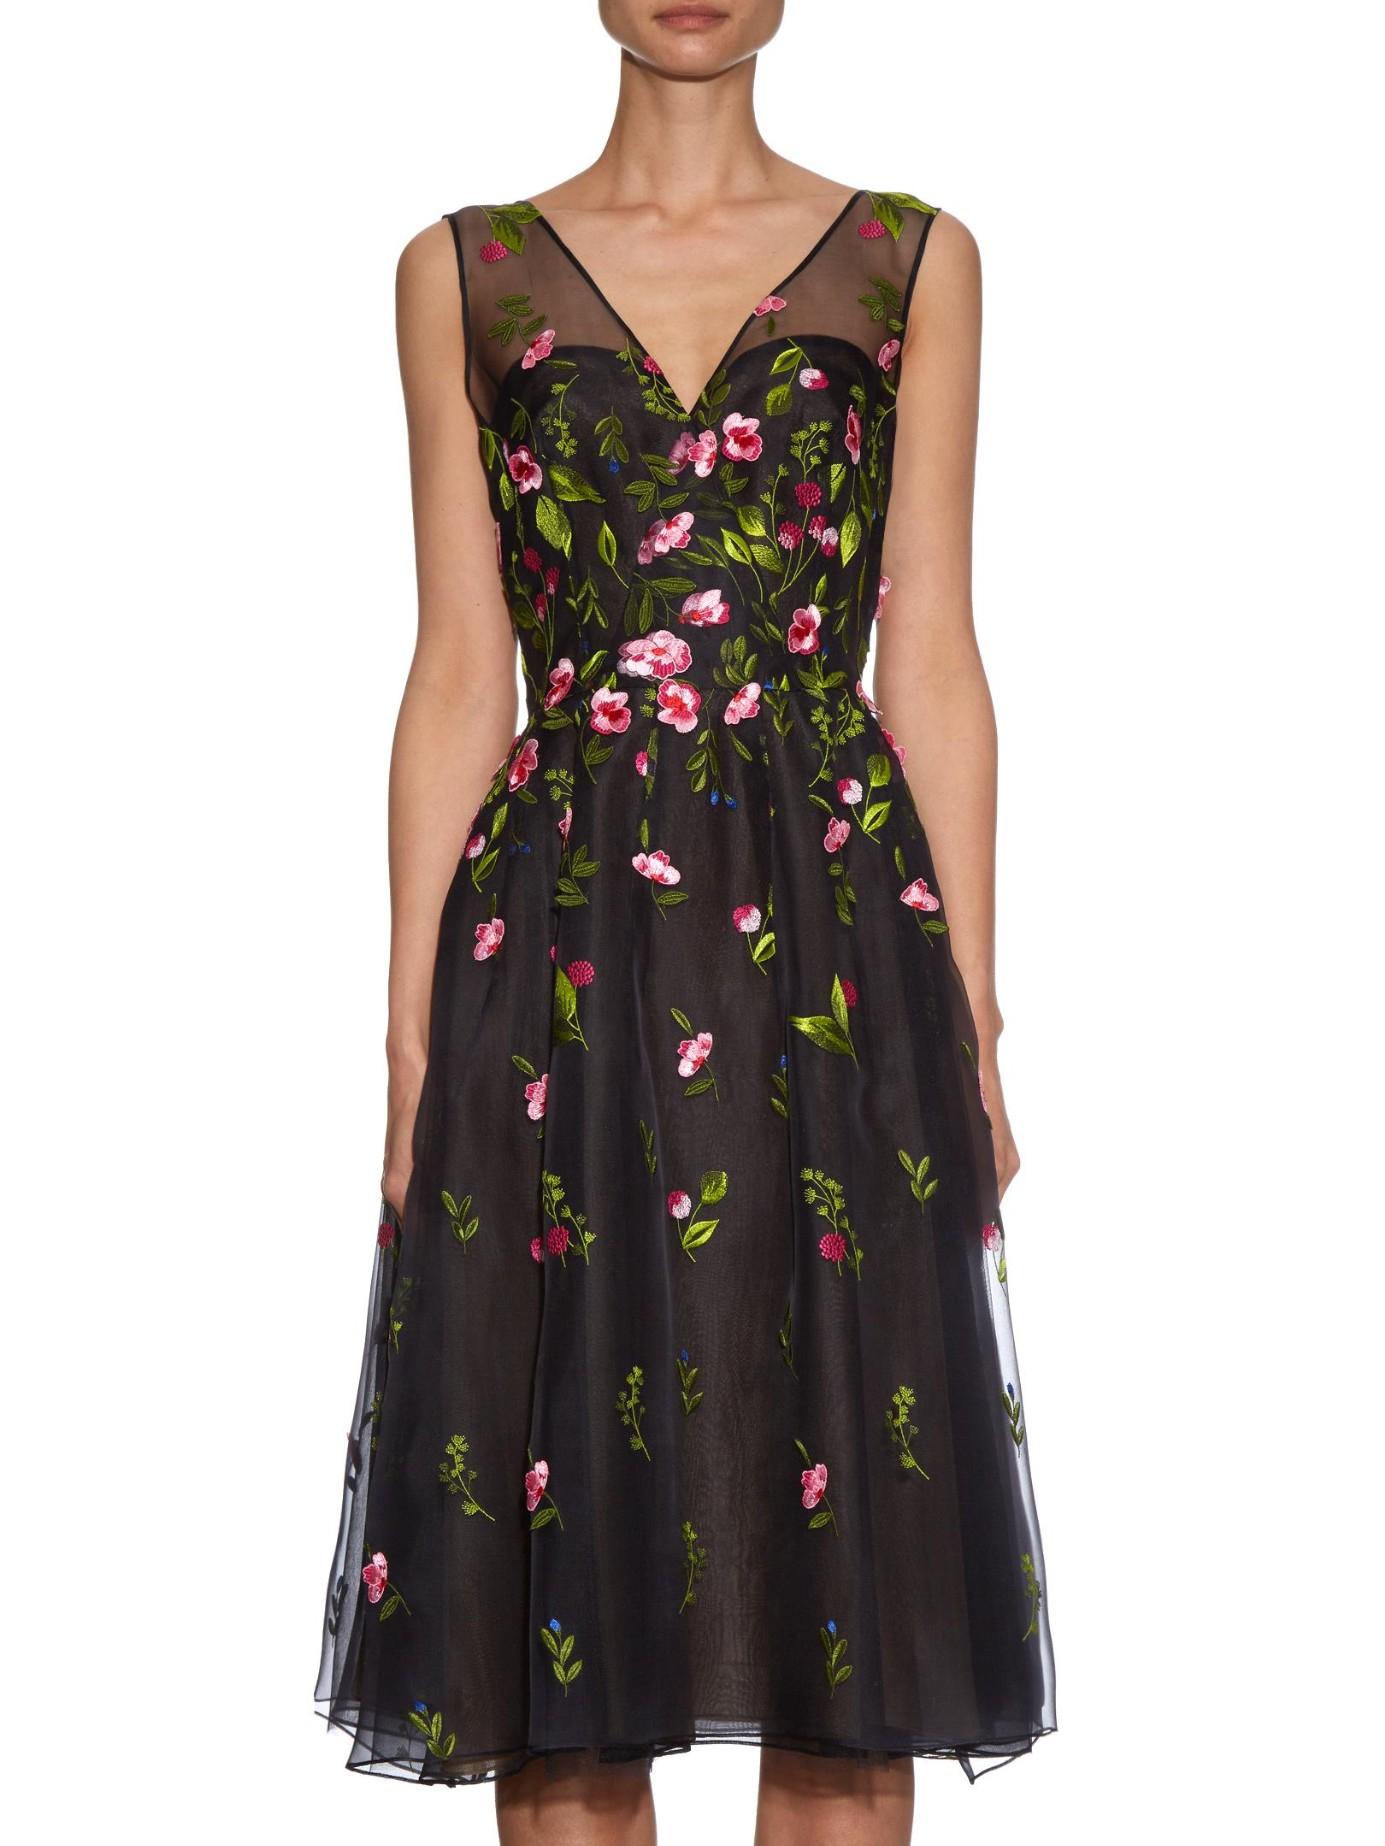 Oscar de la renta embroidered floral silk organza dress in